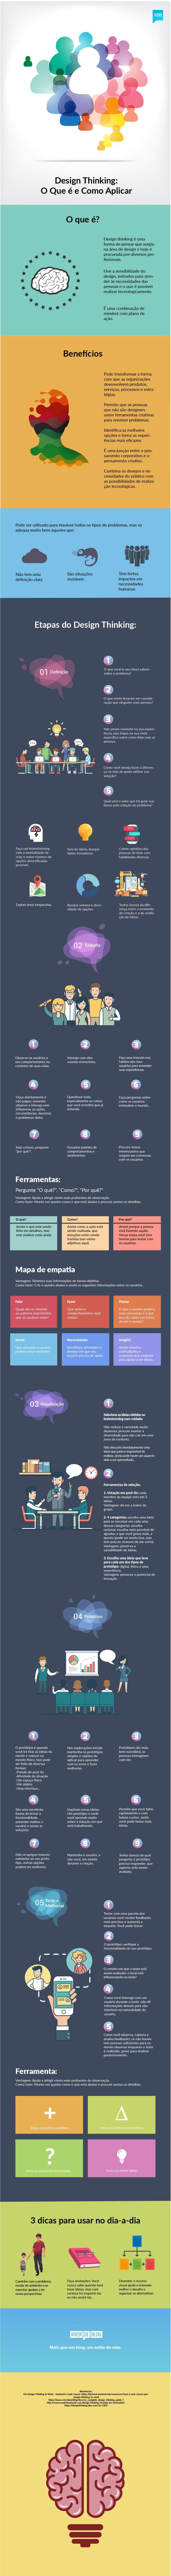 O que é Design Thinking? Entenda como usar essas técnicas criativas na resolução de problemas para as mais diversas áreas.